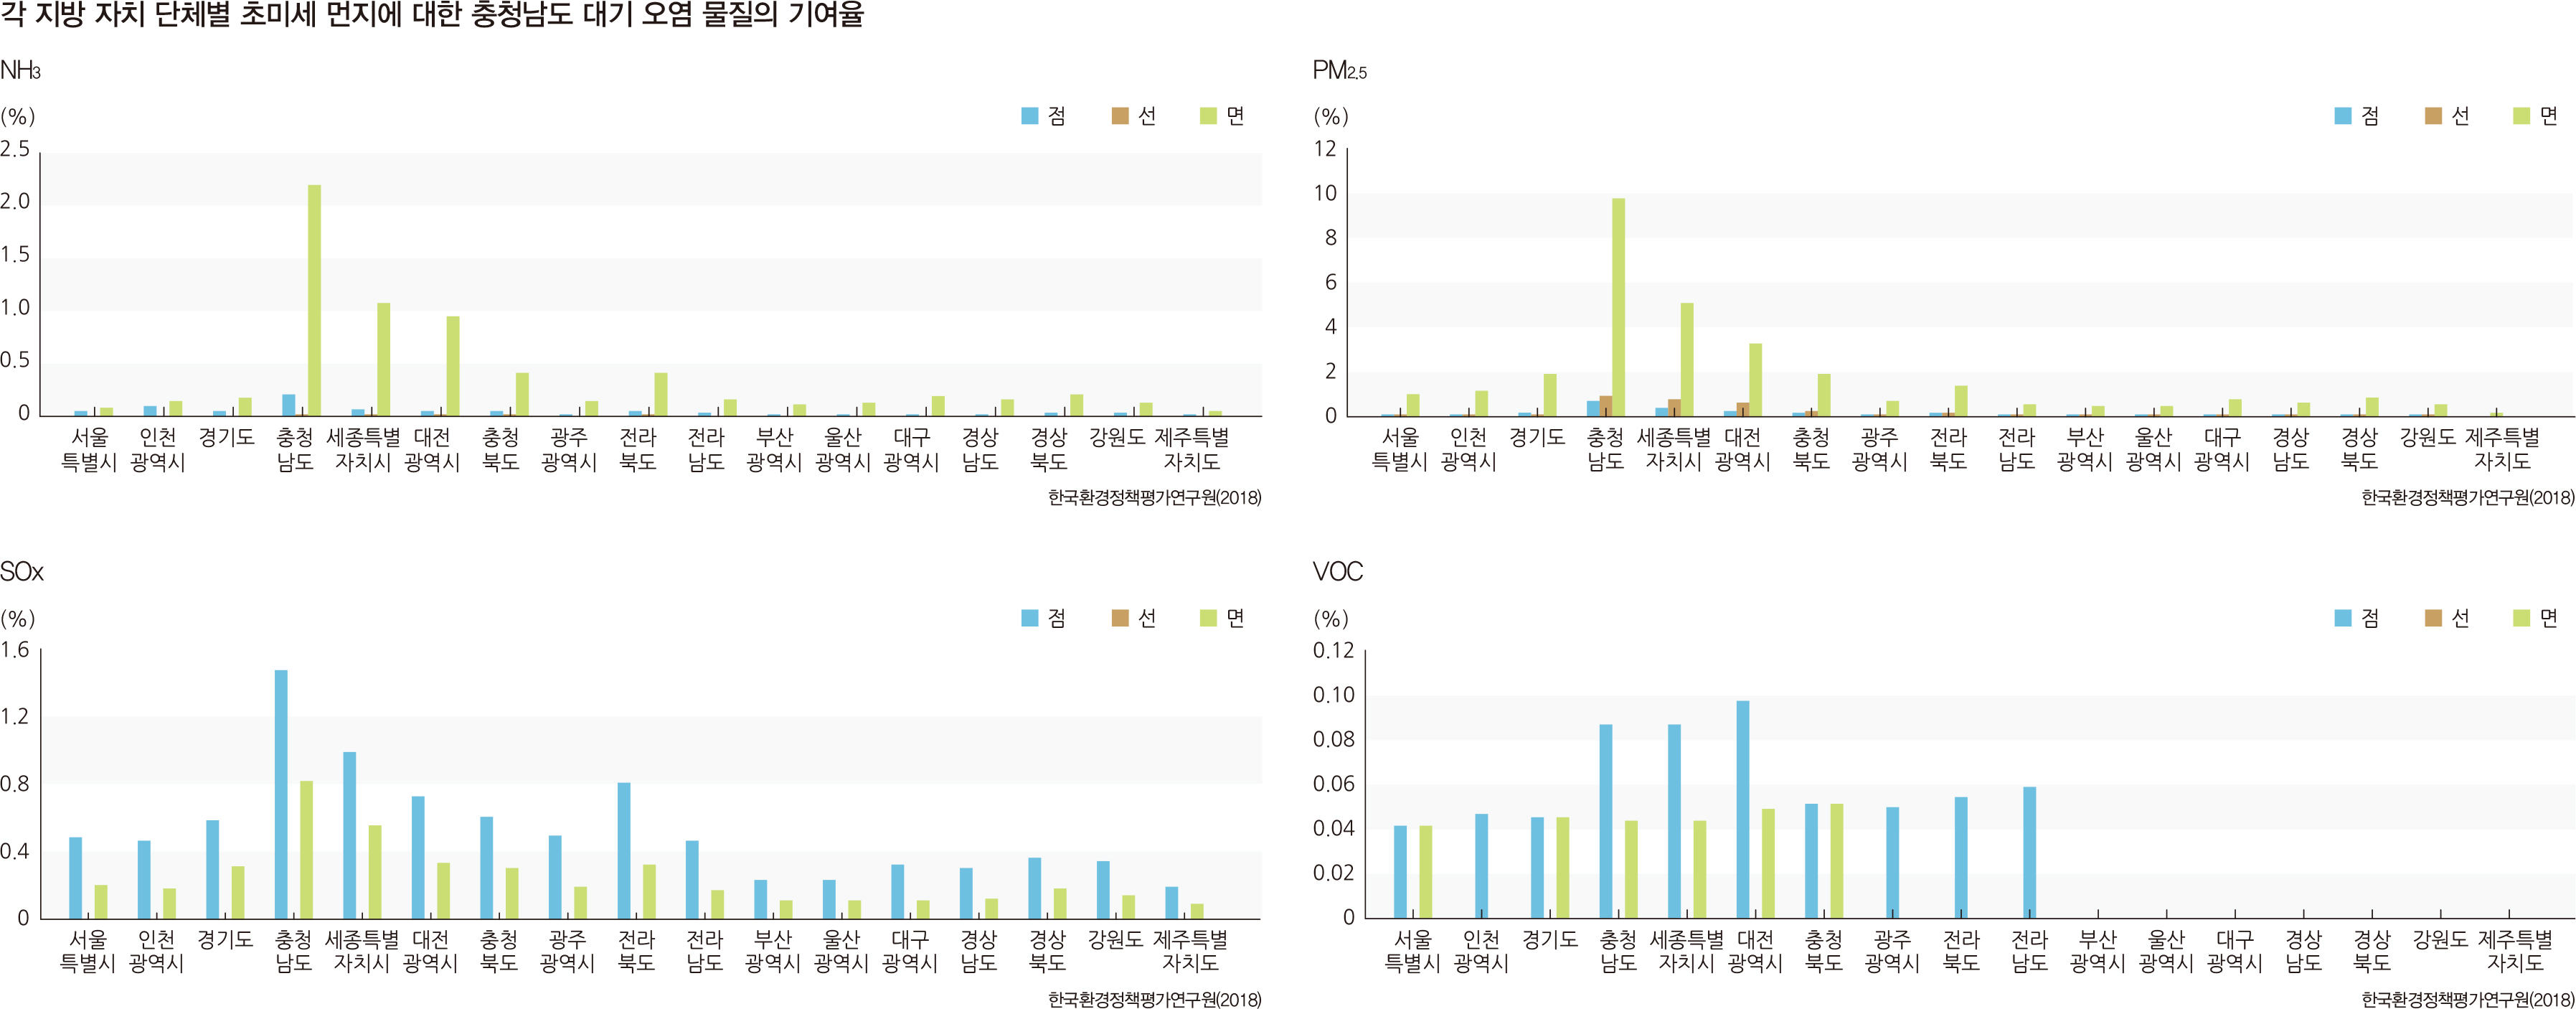 각 지방 자치 단체별 초미세 먼지에 대한 충청남도 대기 오염 물질의 기여율